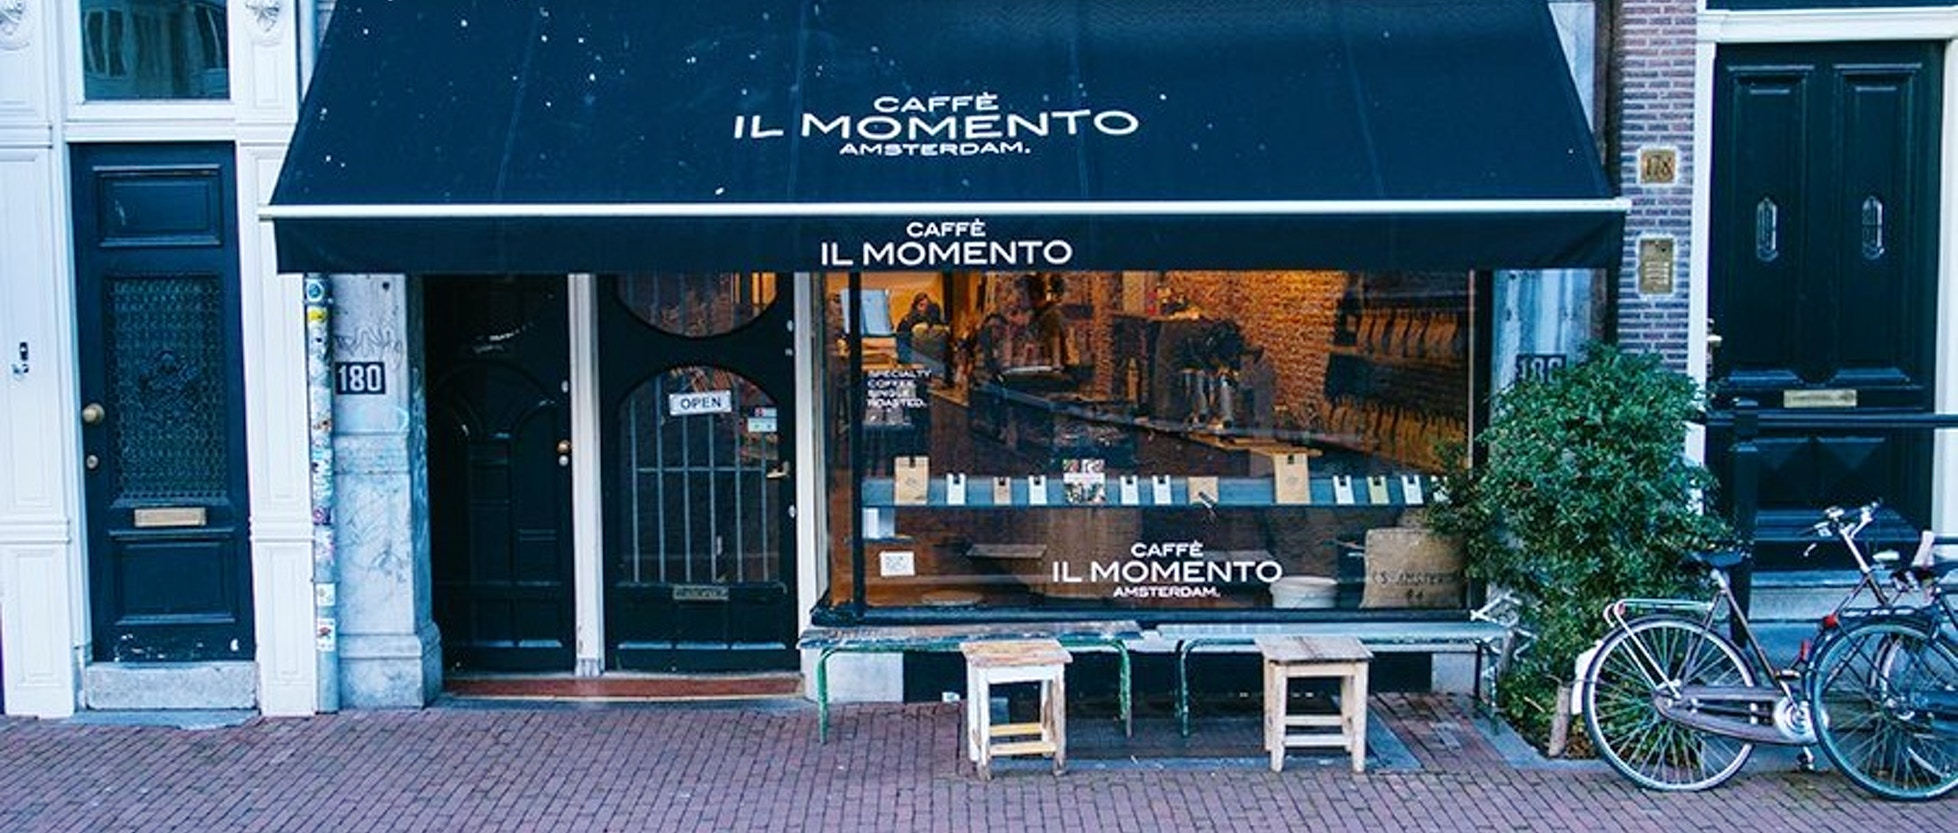 Le 5 migliori caffetterie di amsterdam vivi amsterdam for Amsterdam mangiare